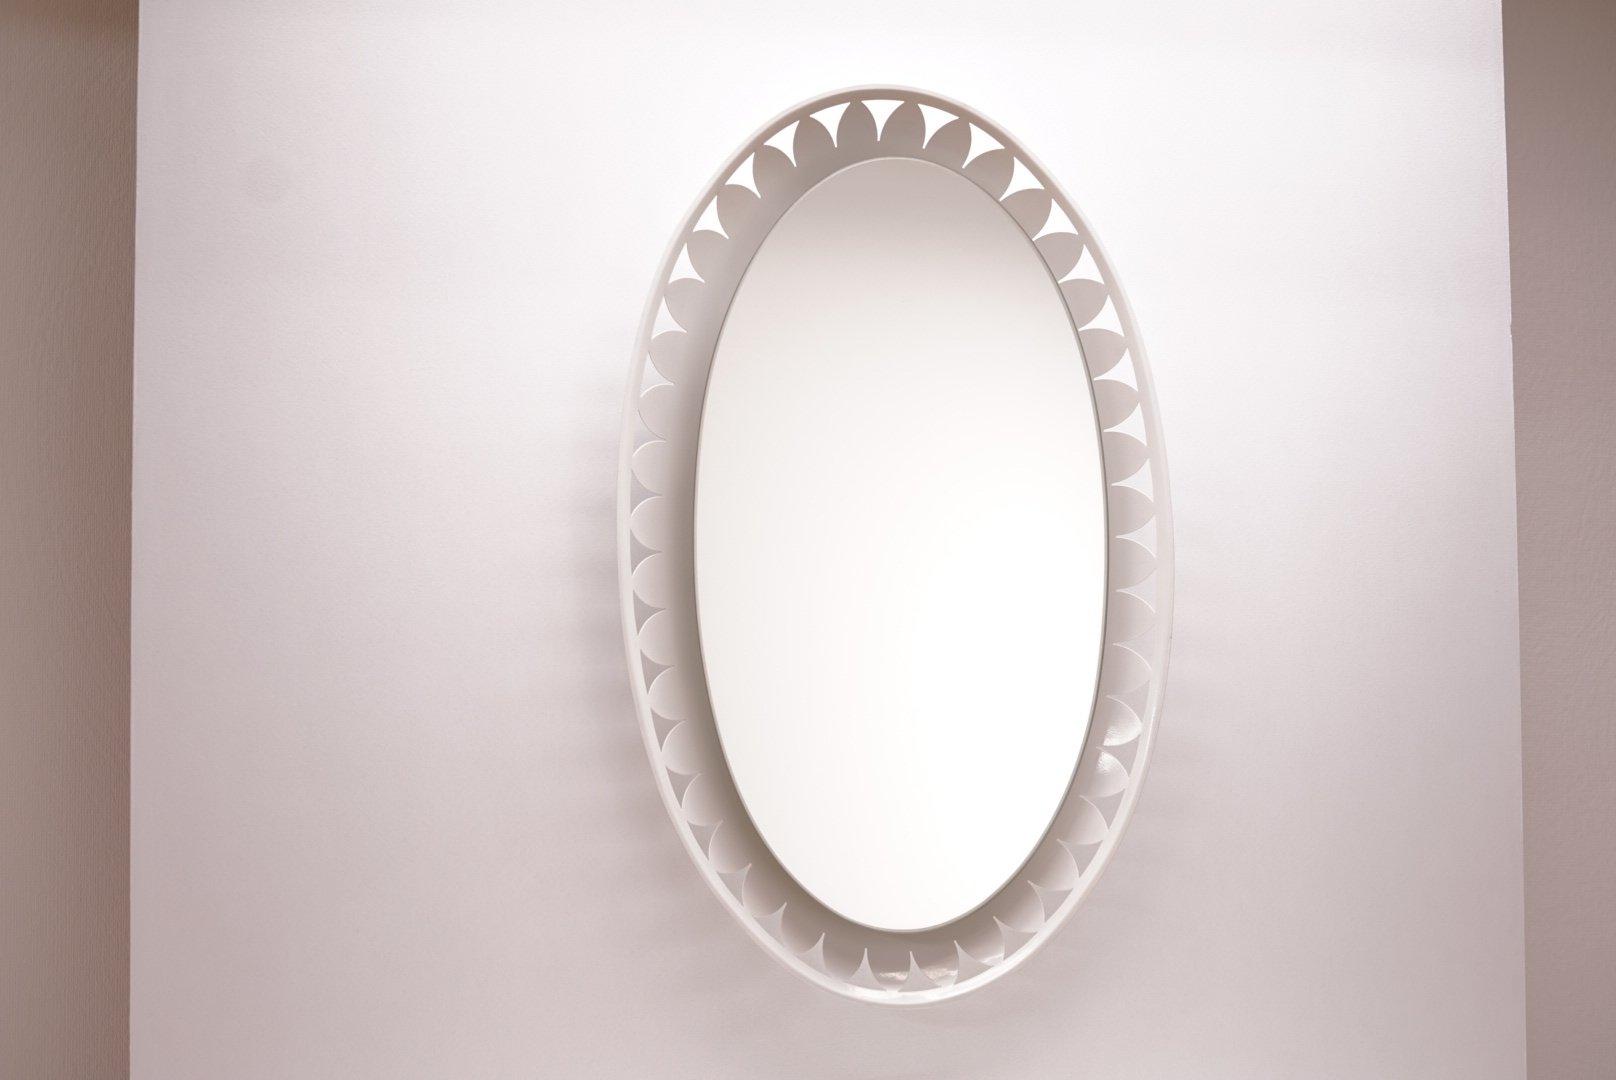 Beleuchteter ovaler Spiegel von Ernest Igl für Hillebrand, 1950er | Bad > Spiegel fürs Bad | Weiß | Hillebrand Lighting